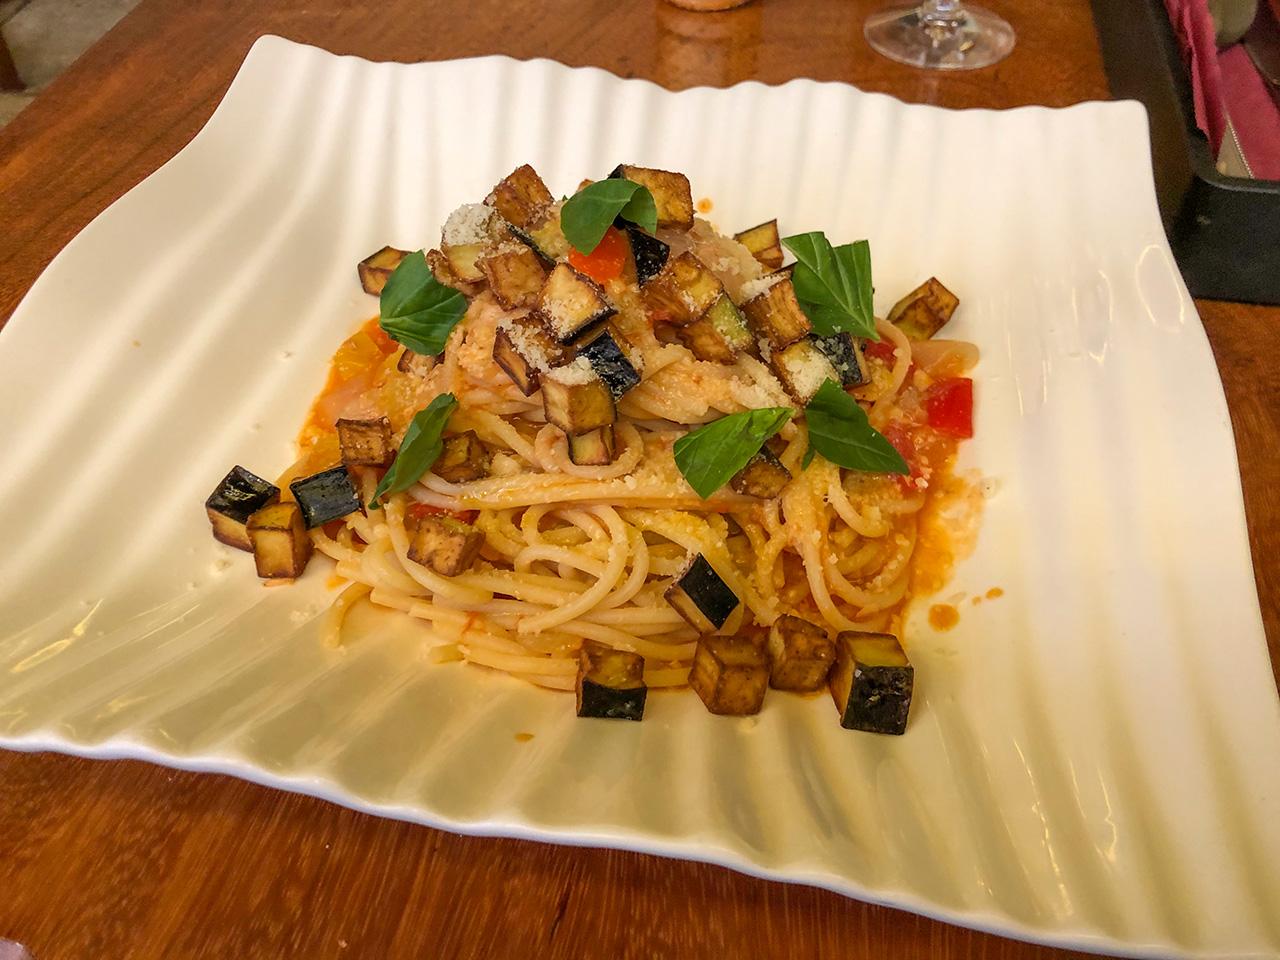 マルツォ(Pizzeria Italiana MARZO)の揚げ茄子とツナのシシリア風スパゲッティ